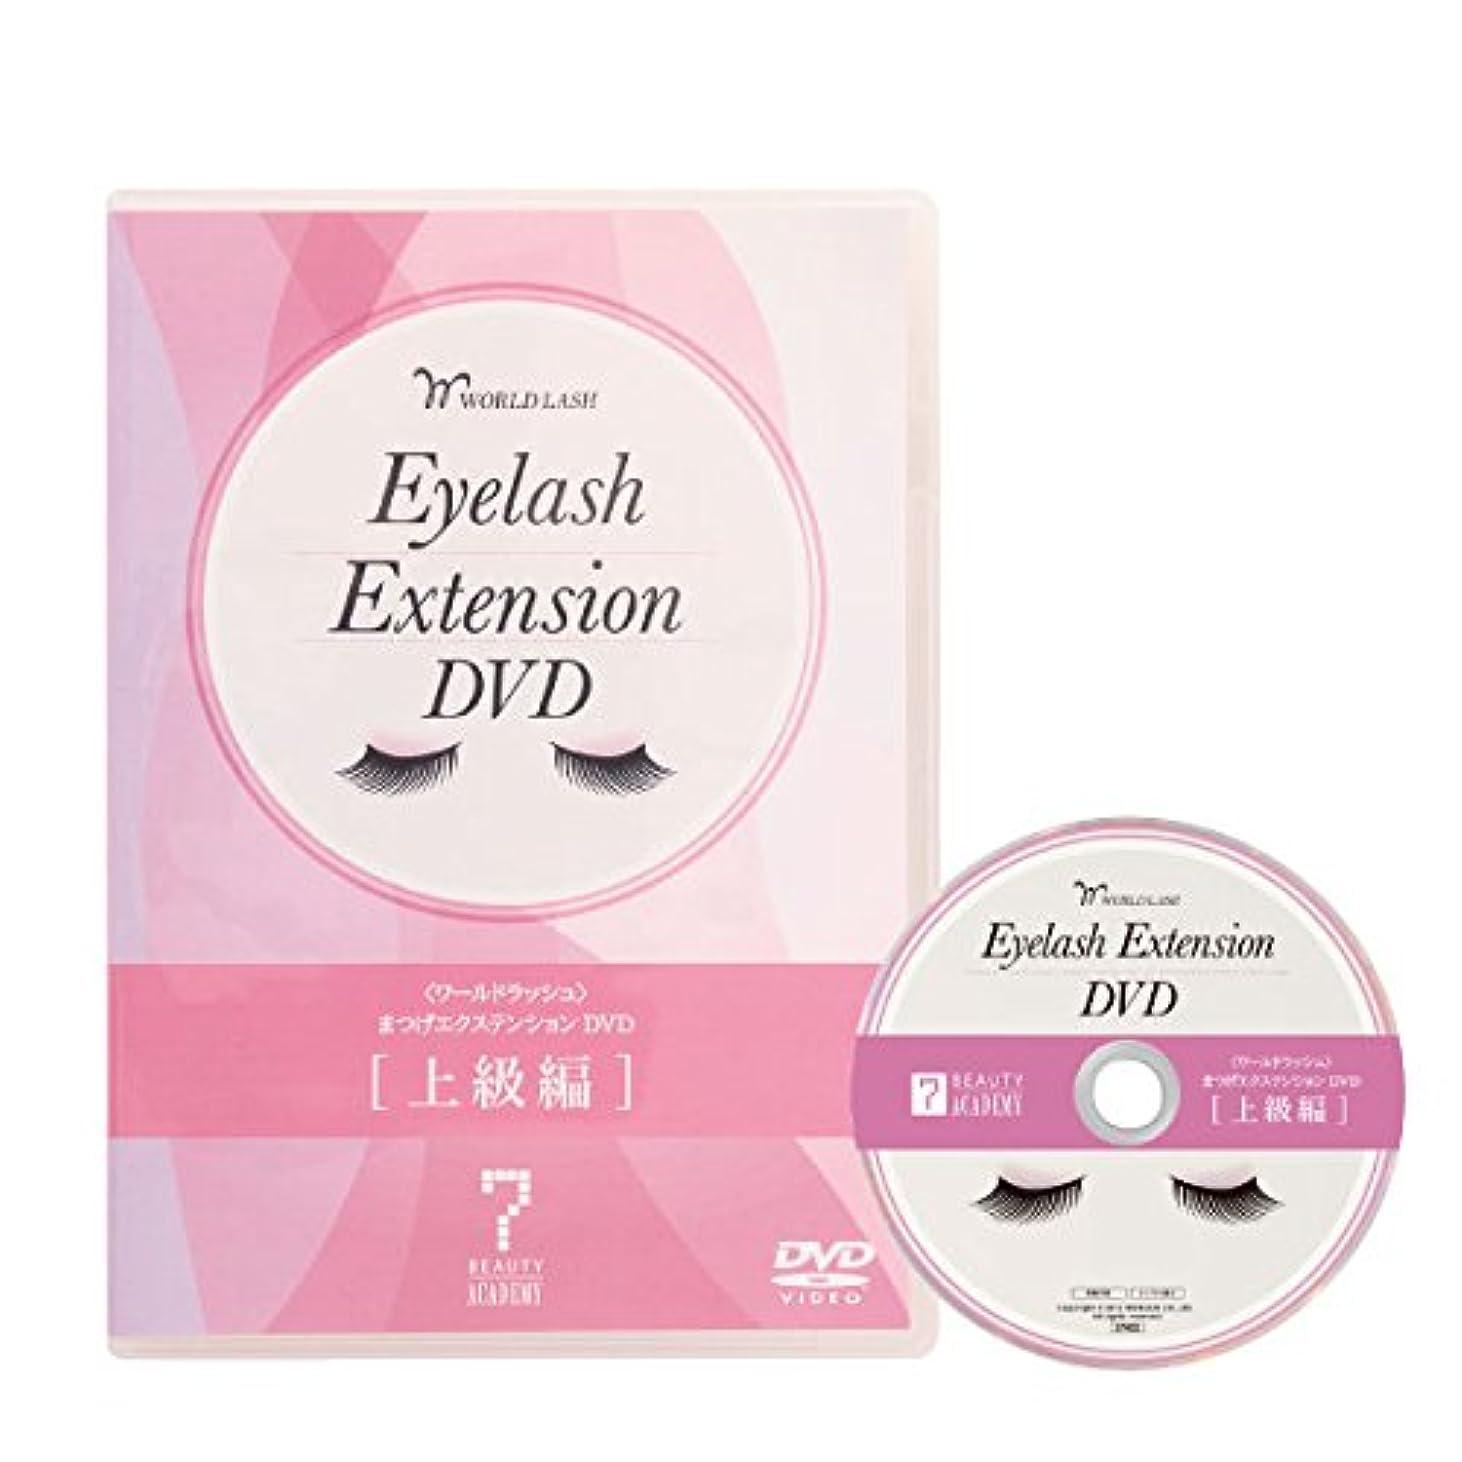 挑発する直径スケート< WORLD LASH > まつげエクステンション DVD (上級編) [ 教材 テキスト DVD まつげエクステ まつ毛エクステ まつエク マツエク サロン用 ]